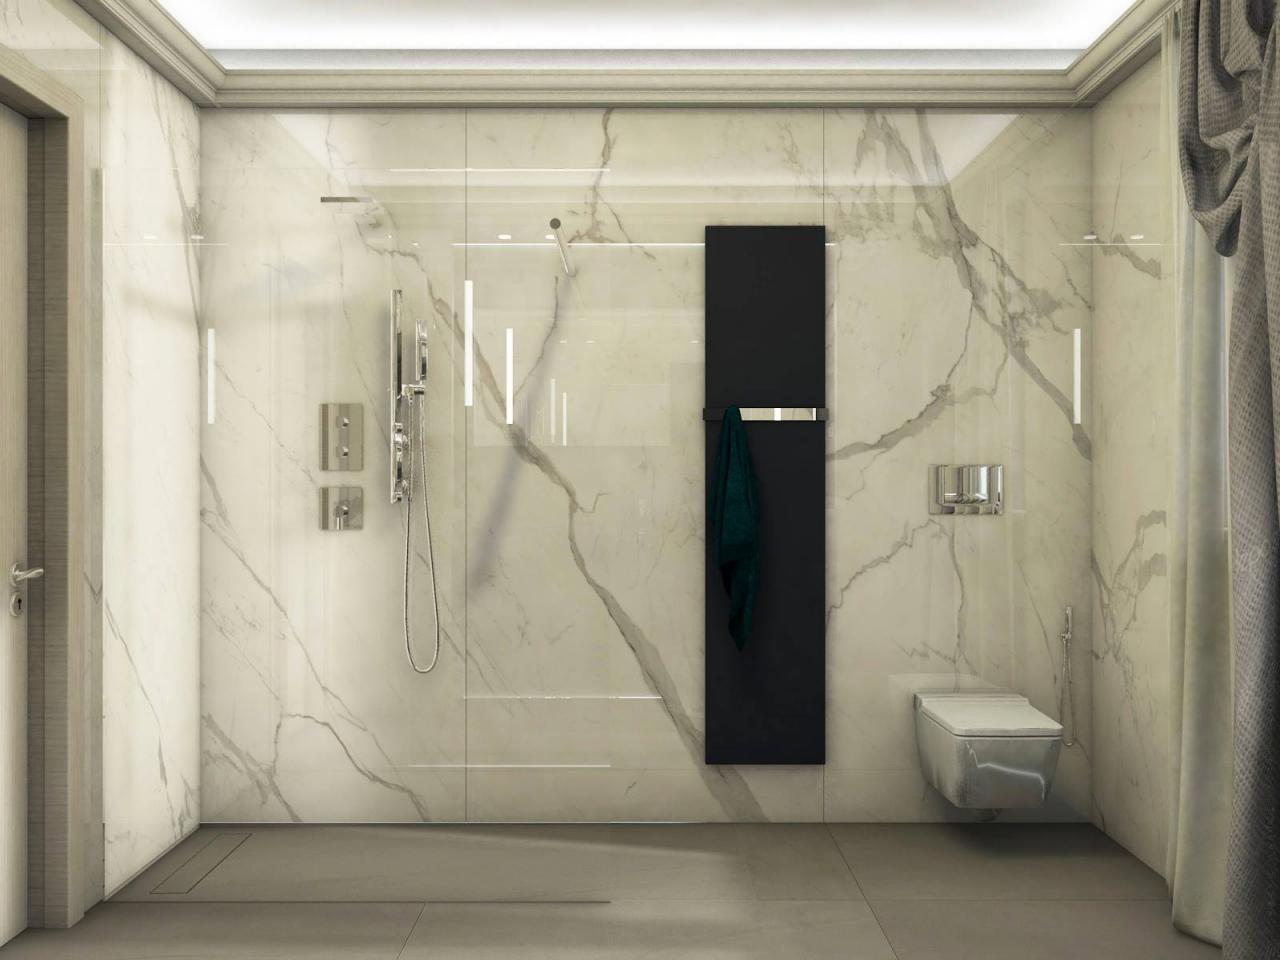 Bagno moderno ed elegante grandi lastre ed illuminazione